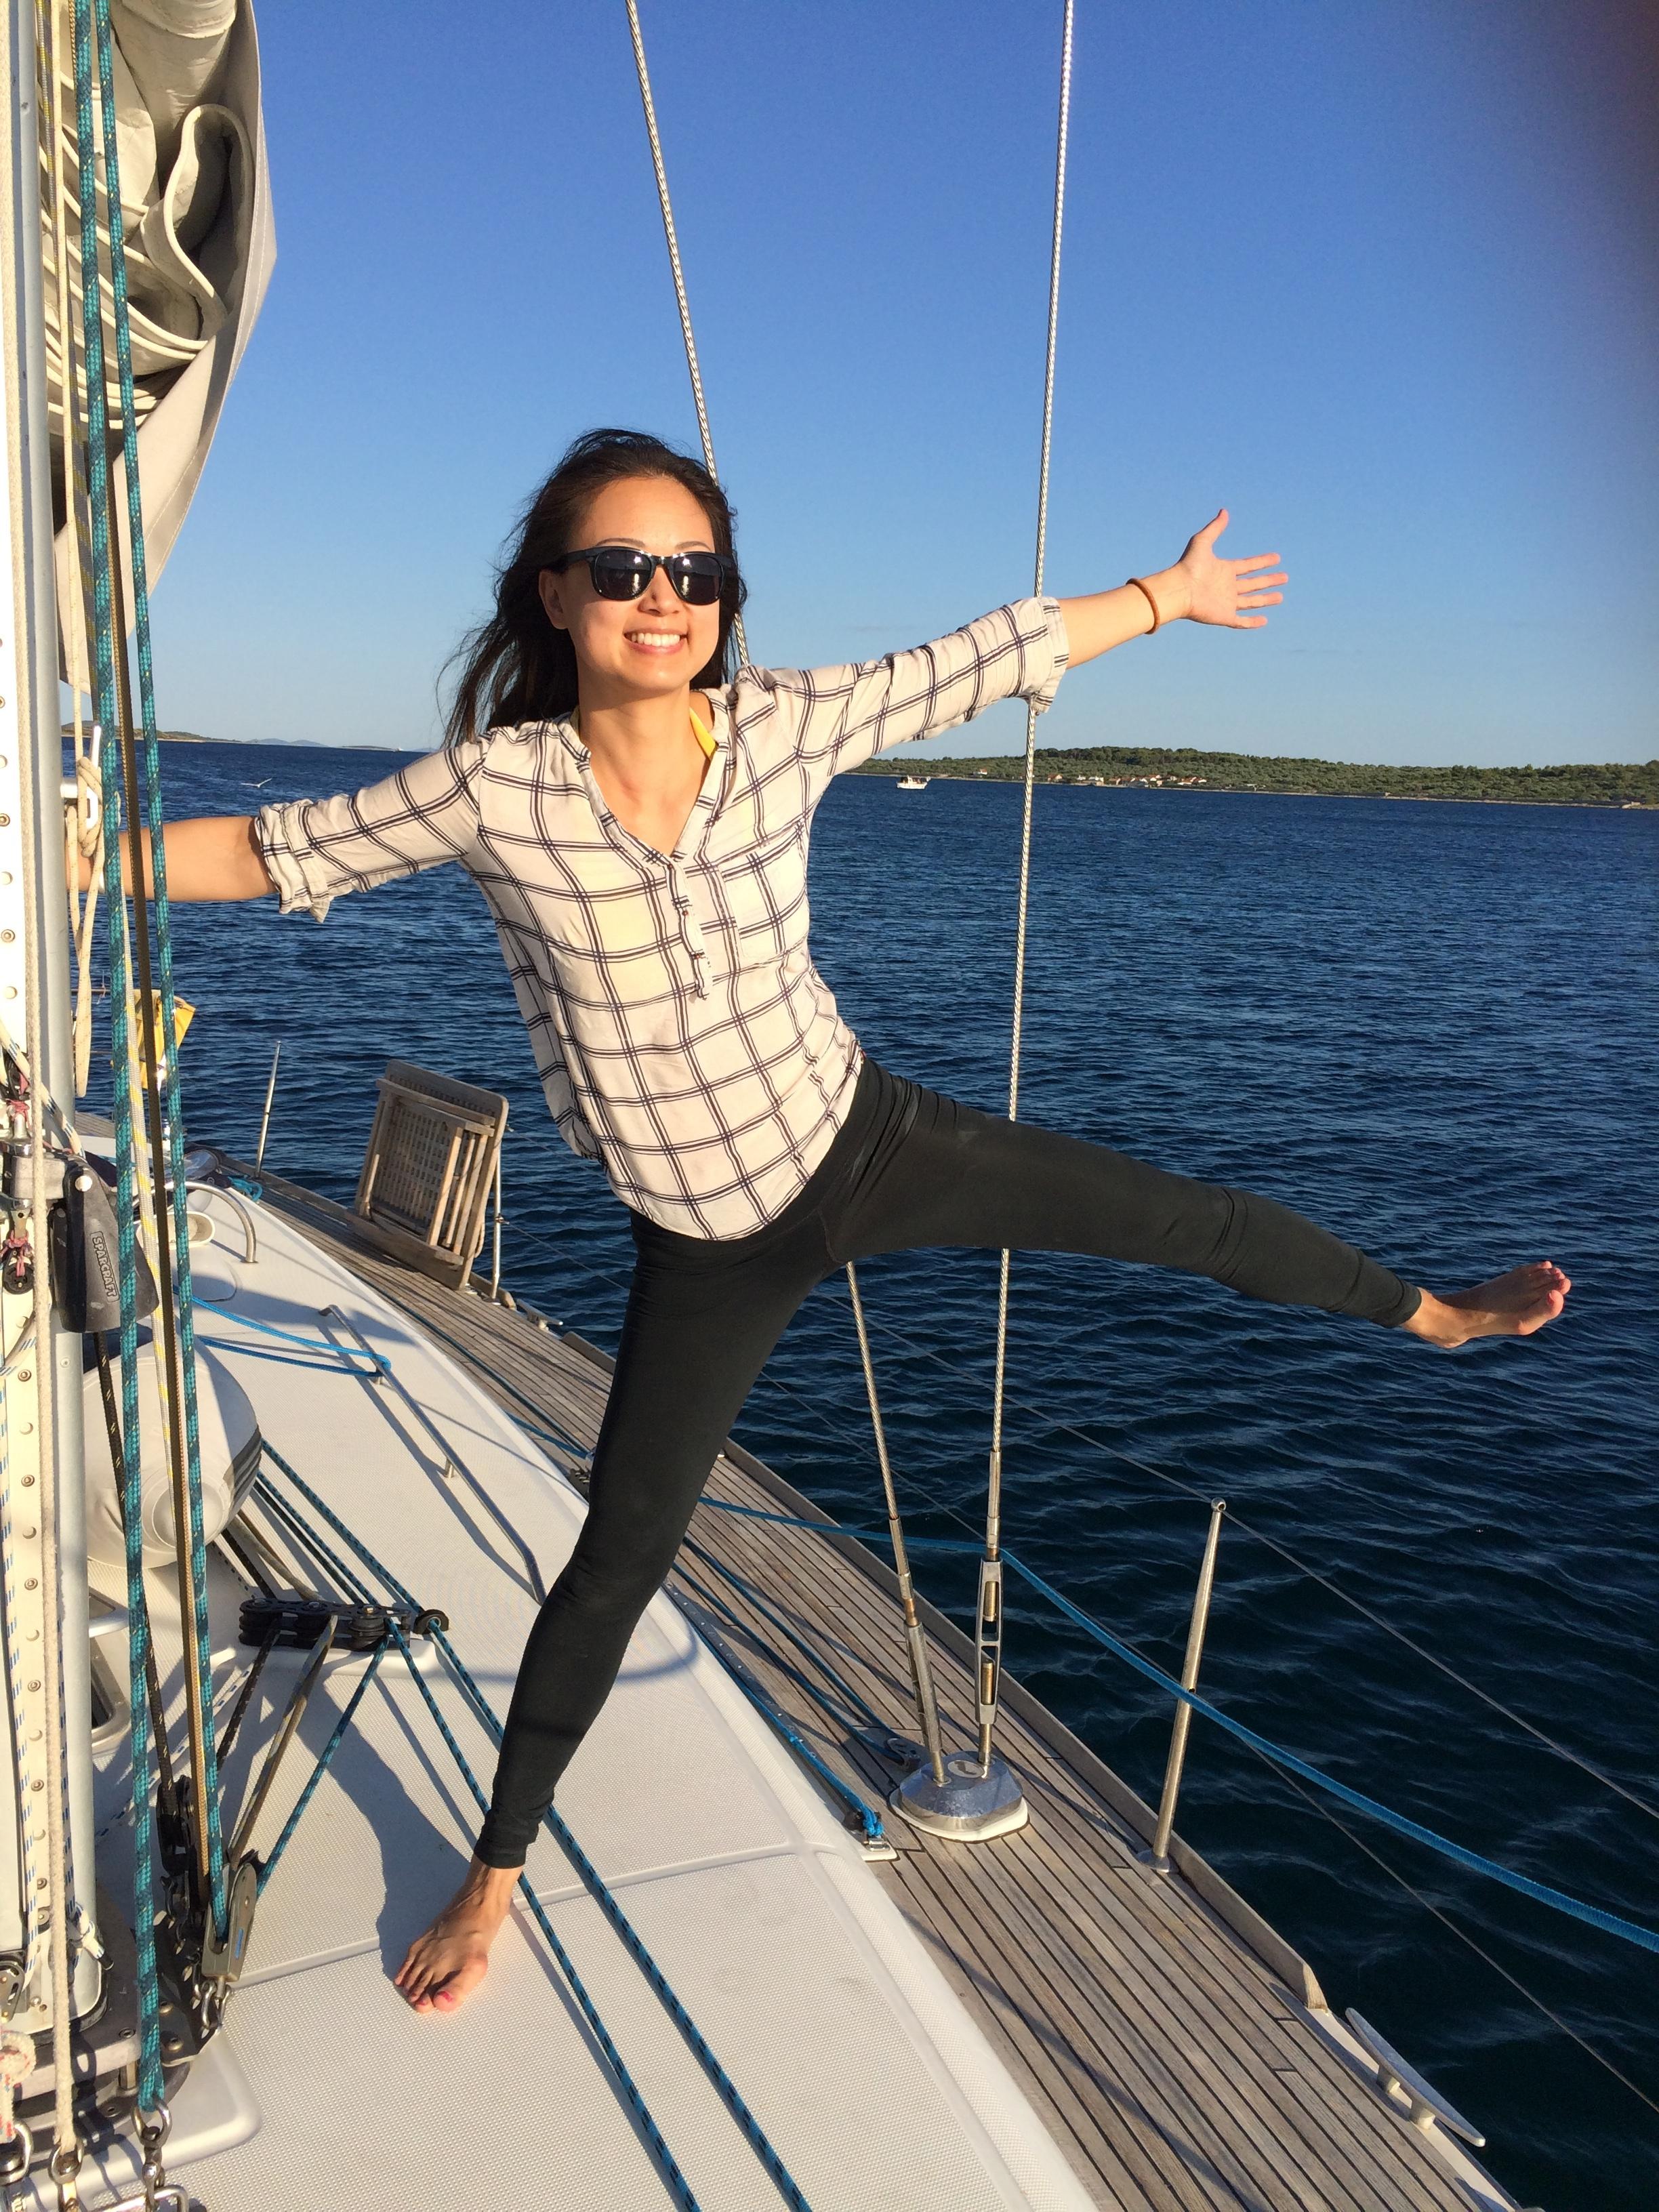 Carolyn Liou, sailing near Croatia this past summer.